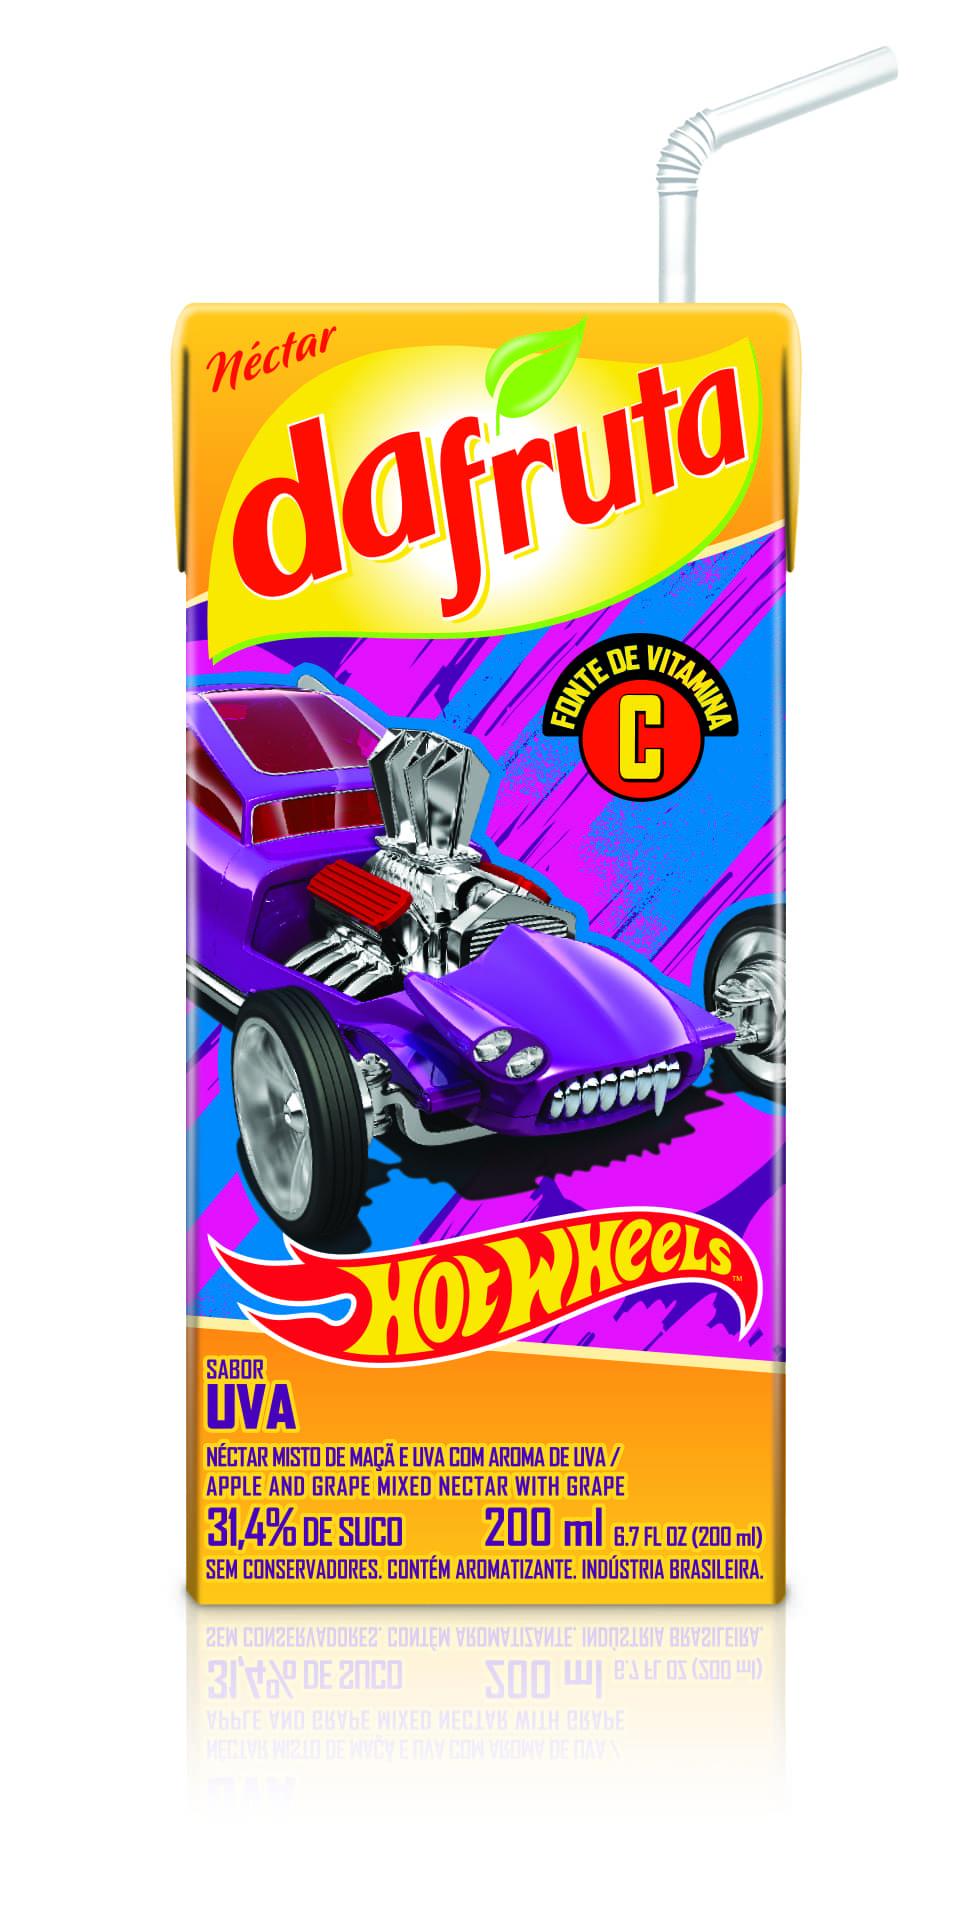 Dafruta-HotWheels-Uva-200ml